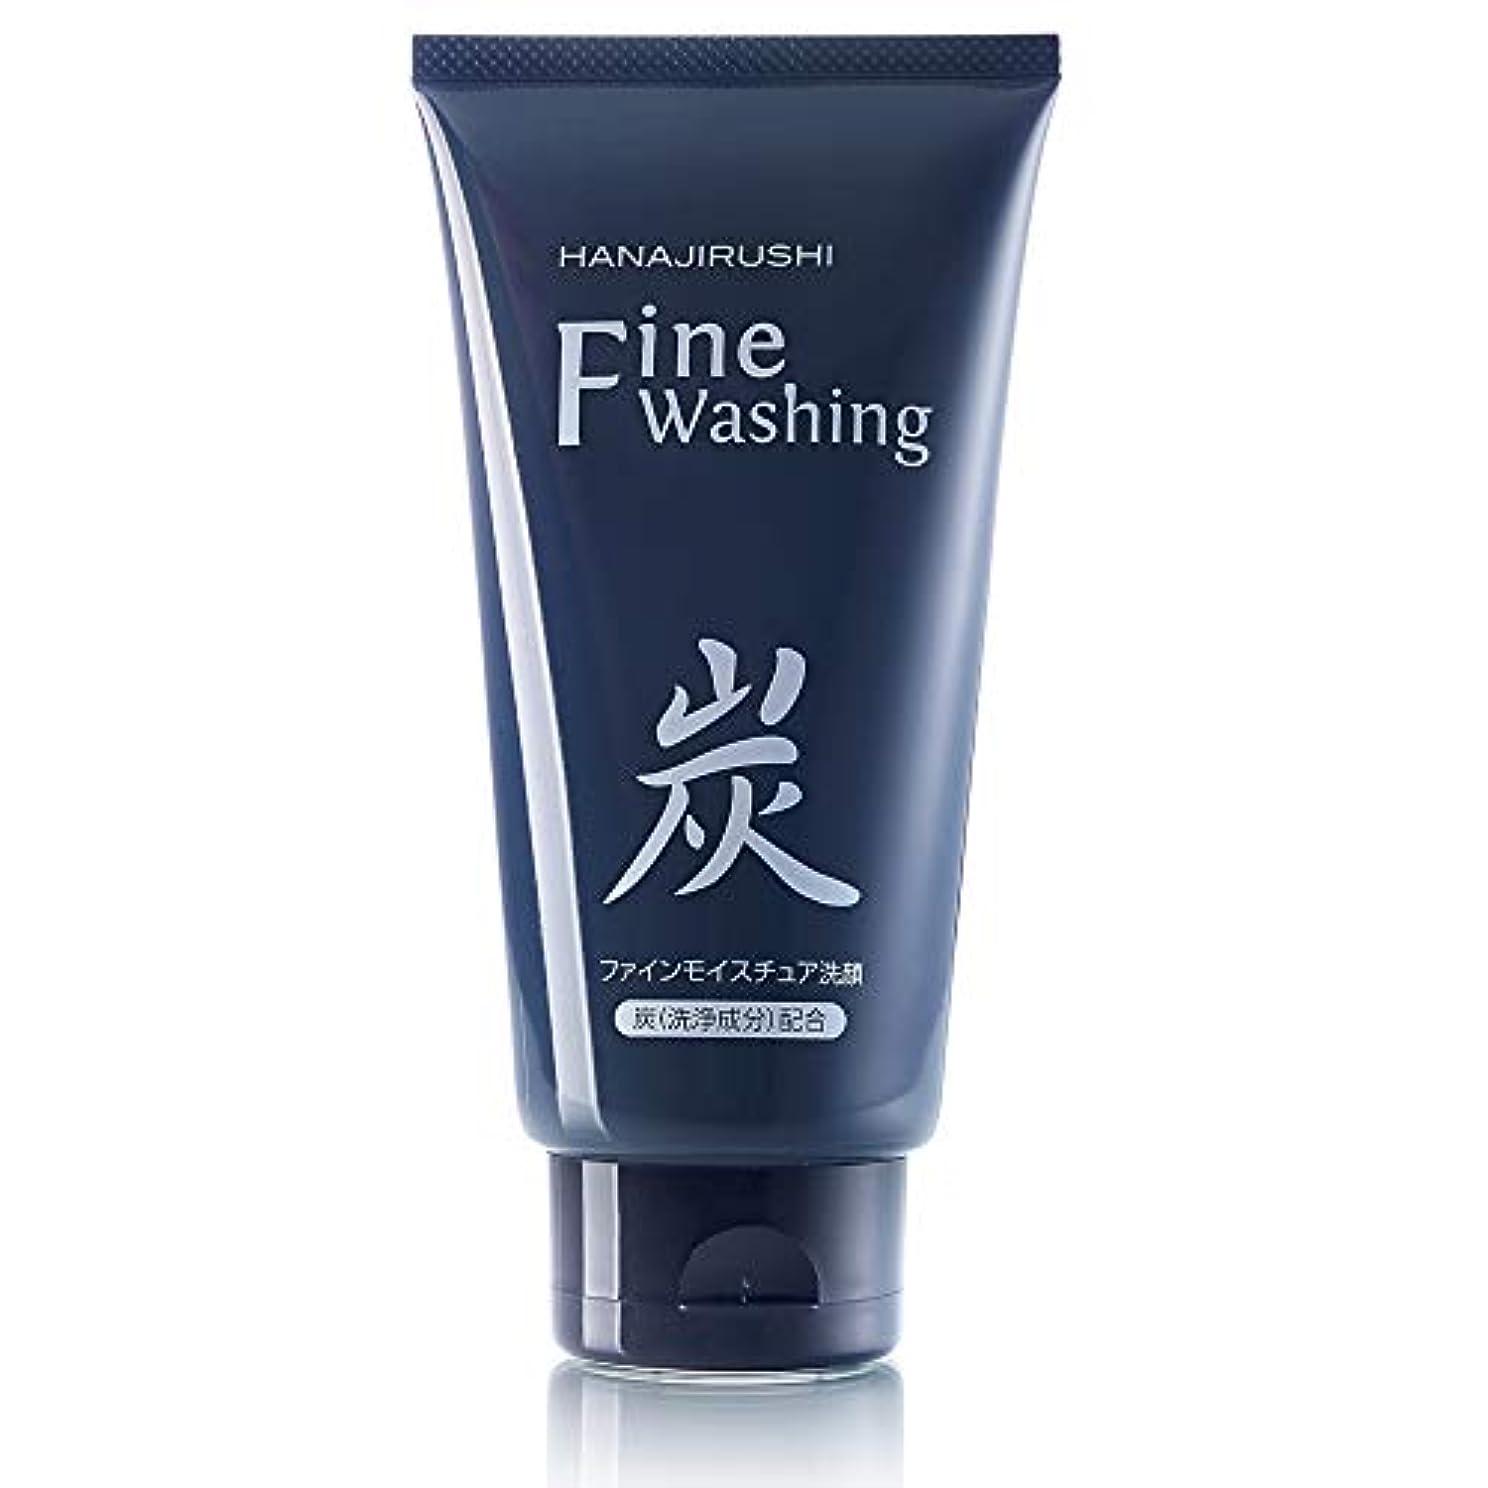 花印備長炭洗顔フォーム120g「皮脂汚れ対策」オイルコントロール 男女兼用